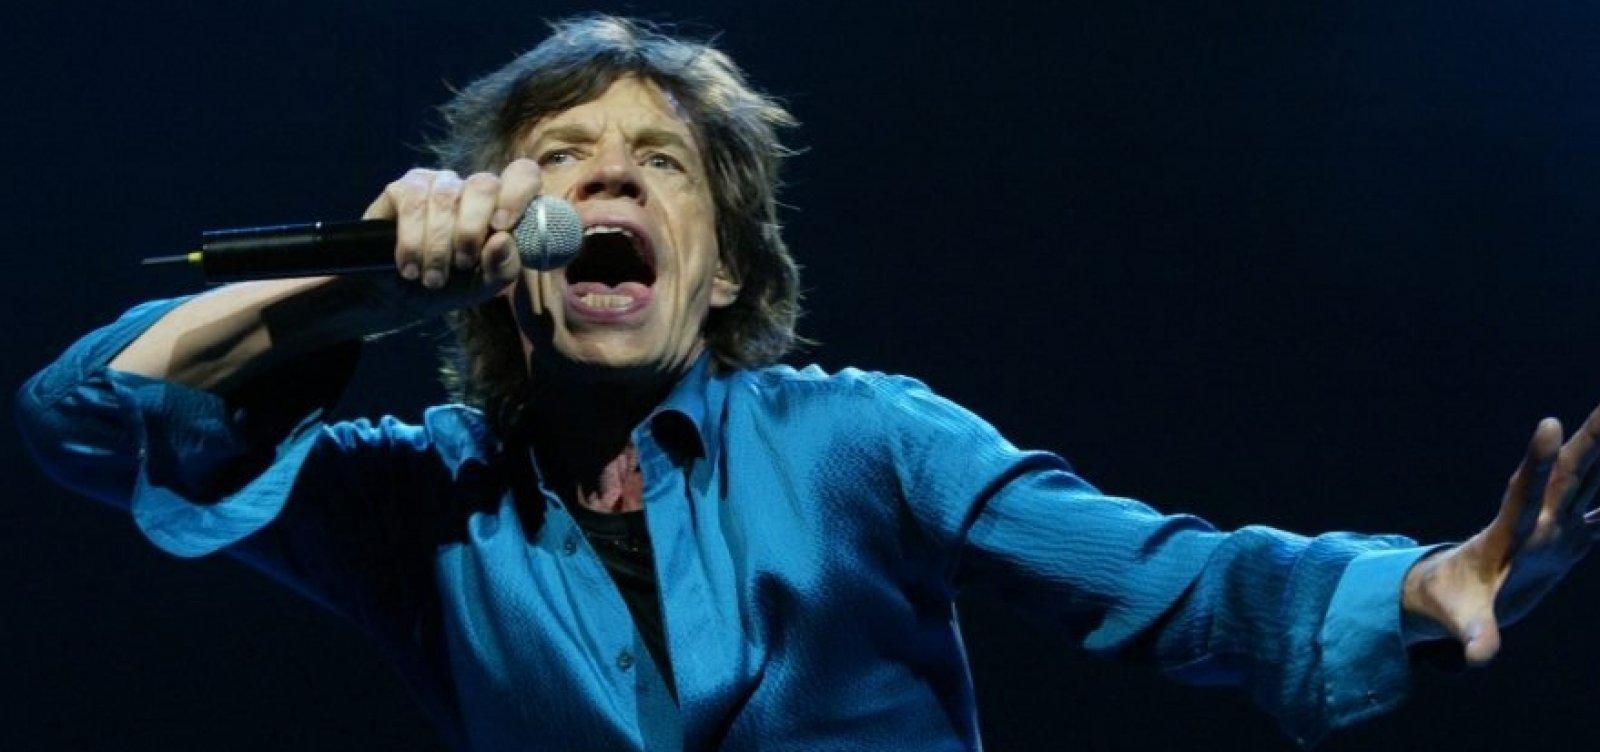 [Após cirurgia no coração, Mick Jagger surge dançando em vídeo ]